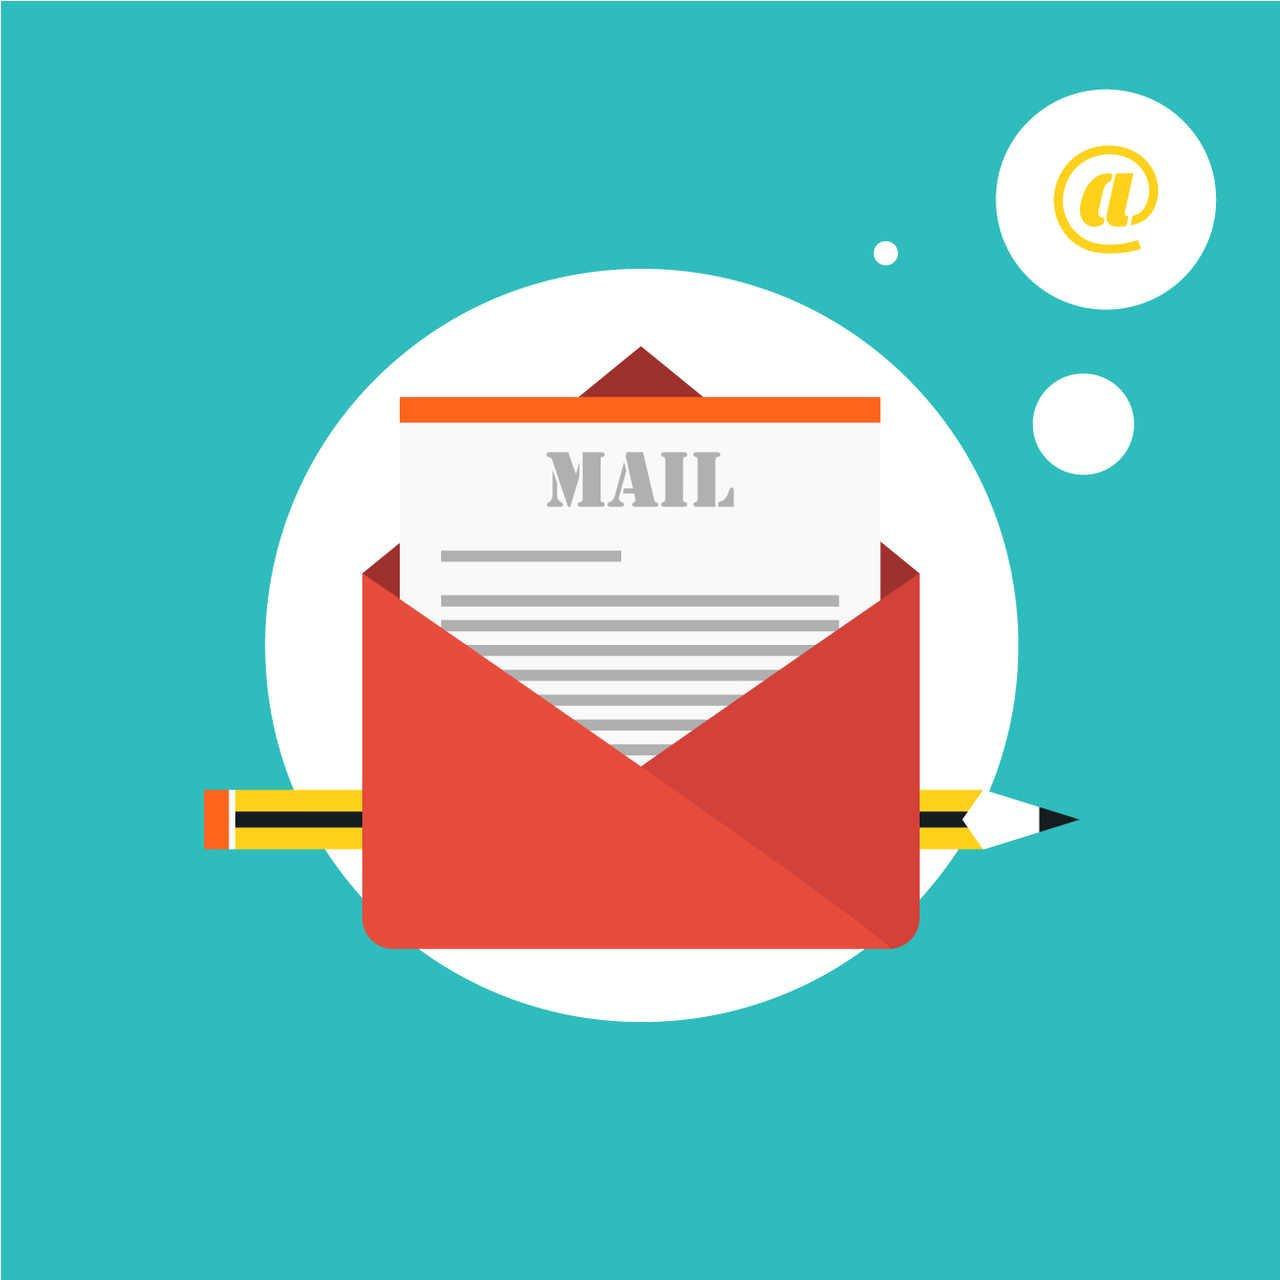 Como configurar seu e-mail profissional no Outlook